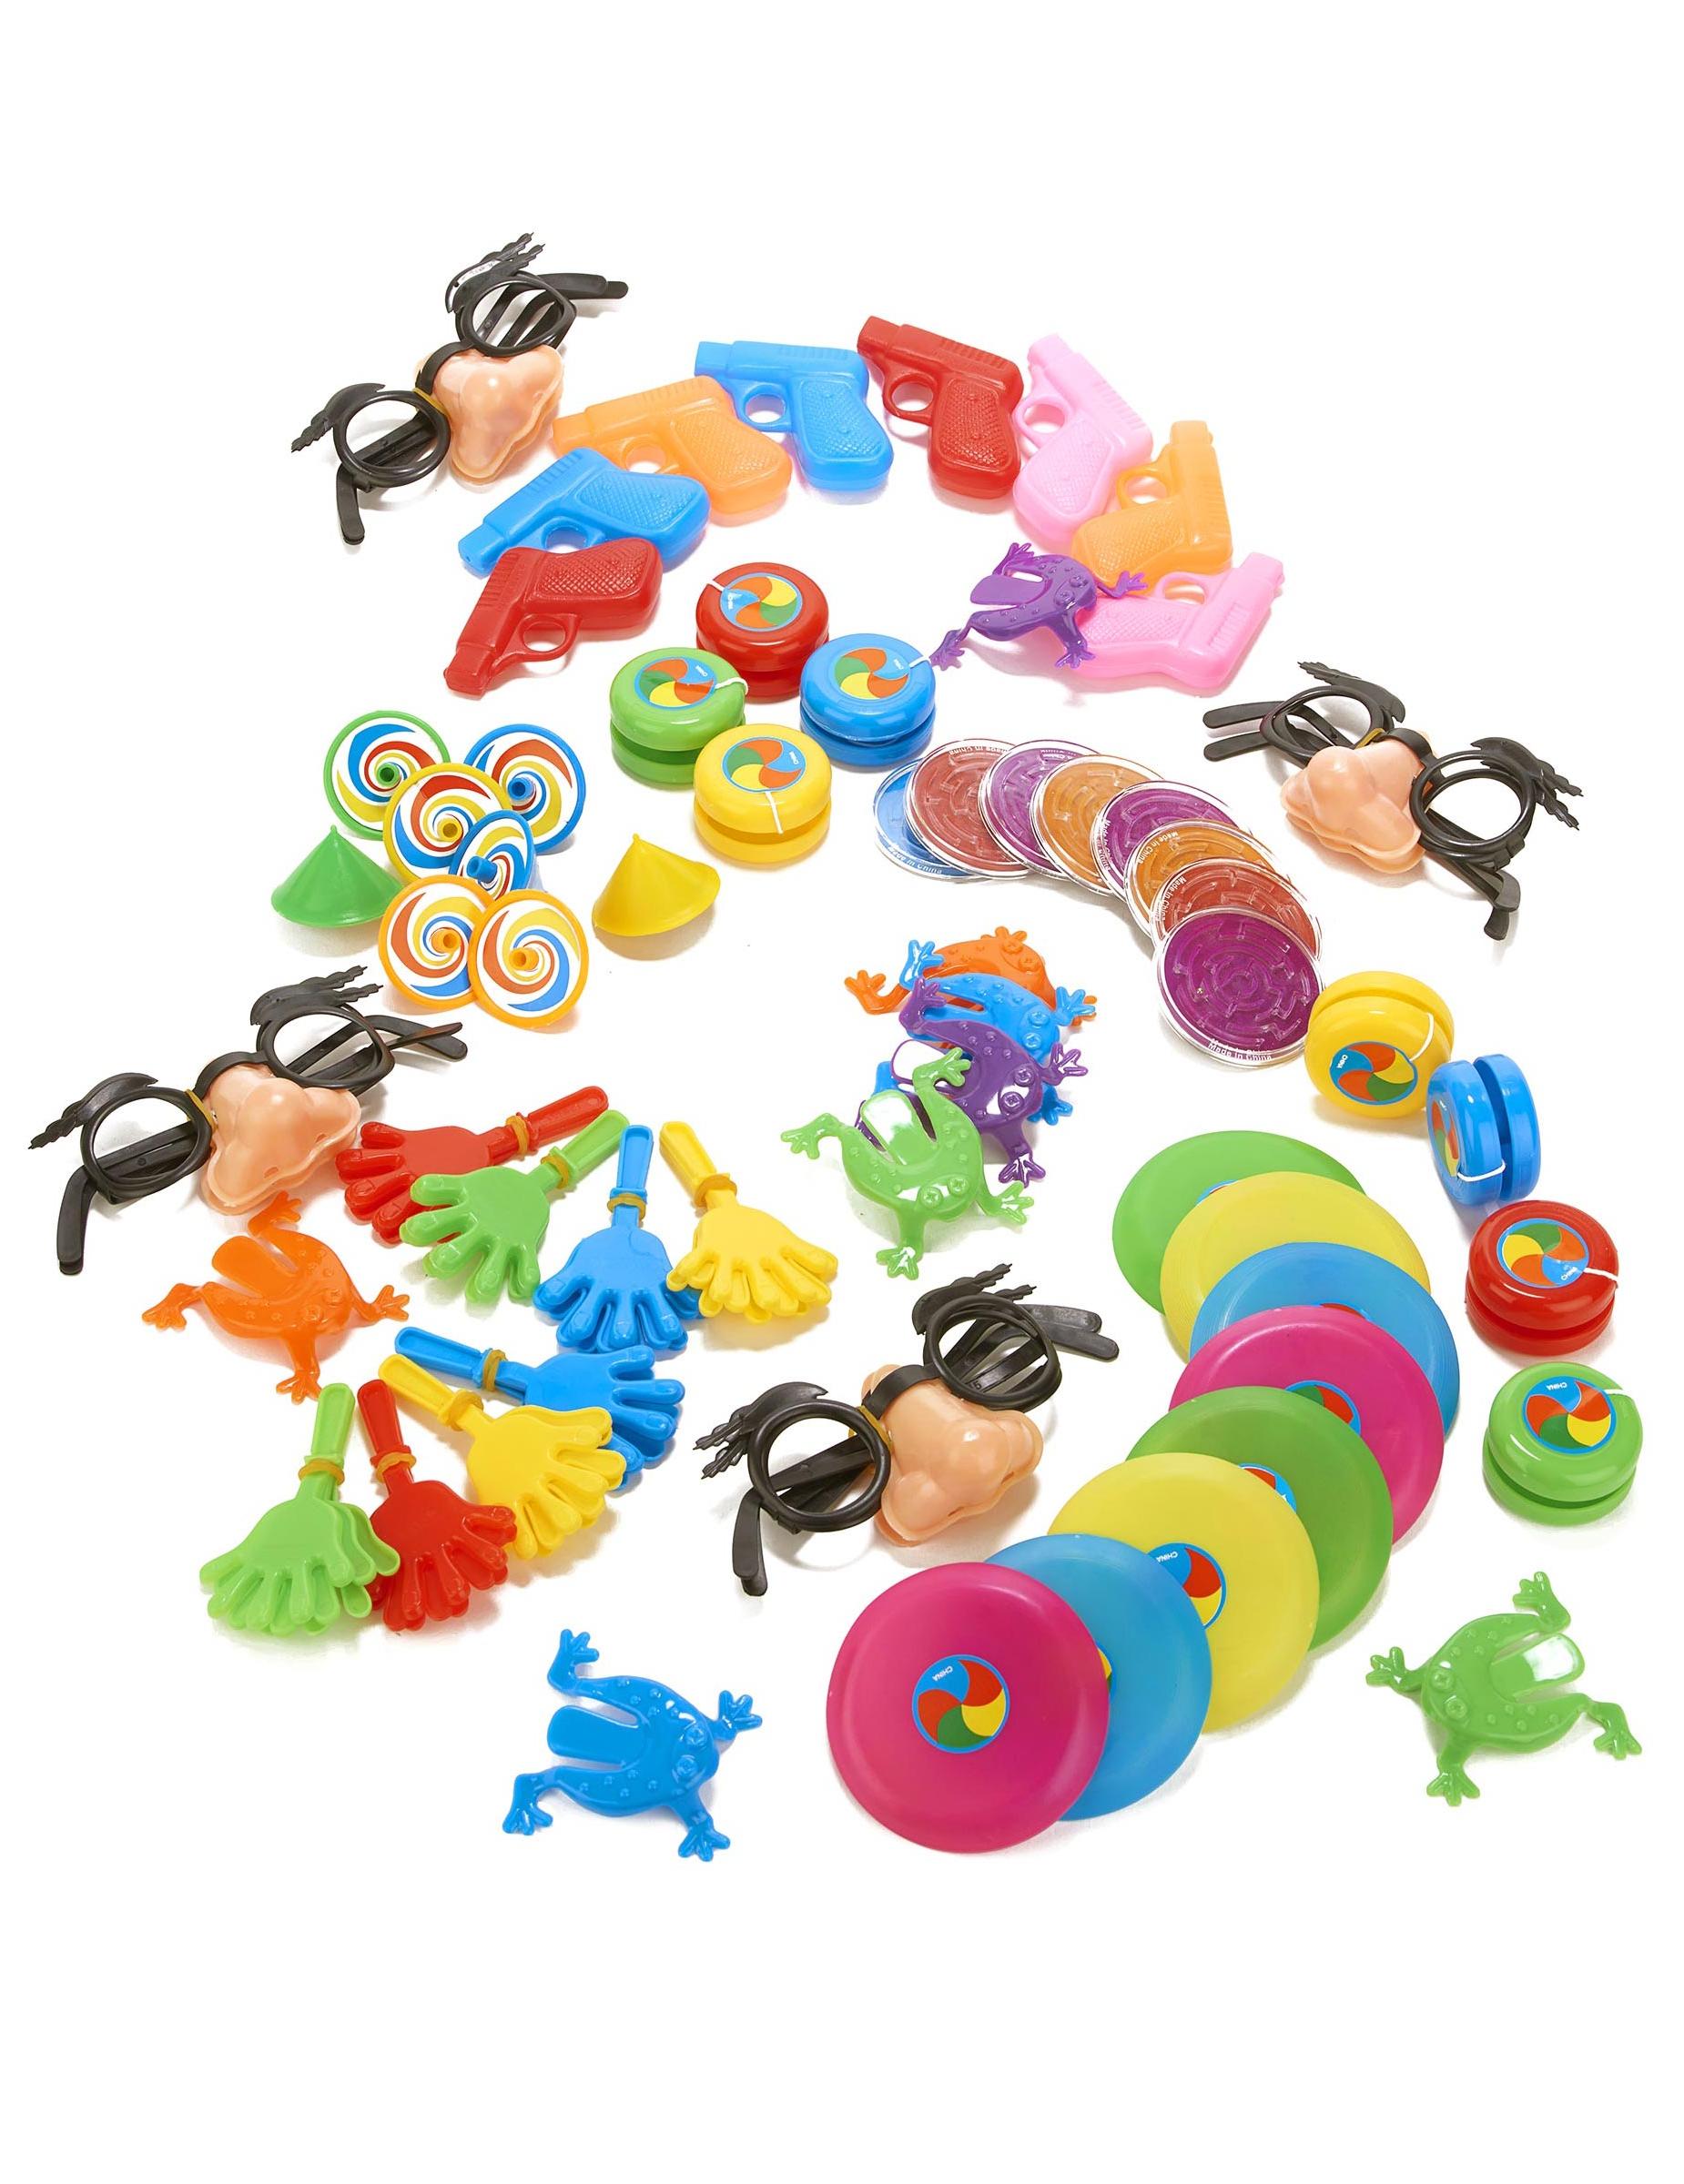 64 Regalini Colorati Per Bambini Su Vegaooparty Negozio Di Articoli